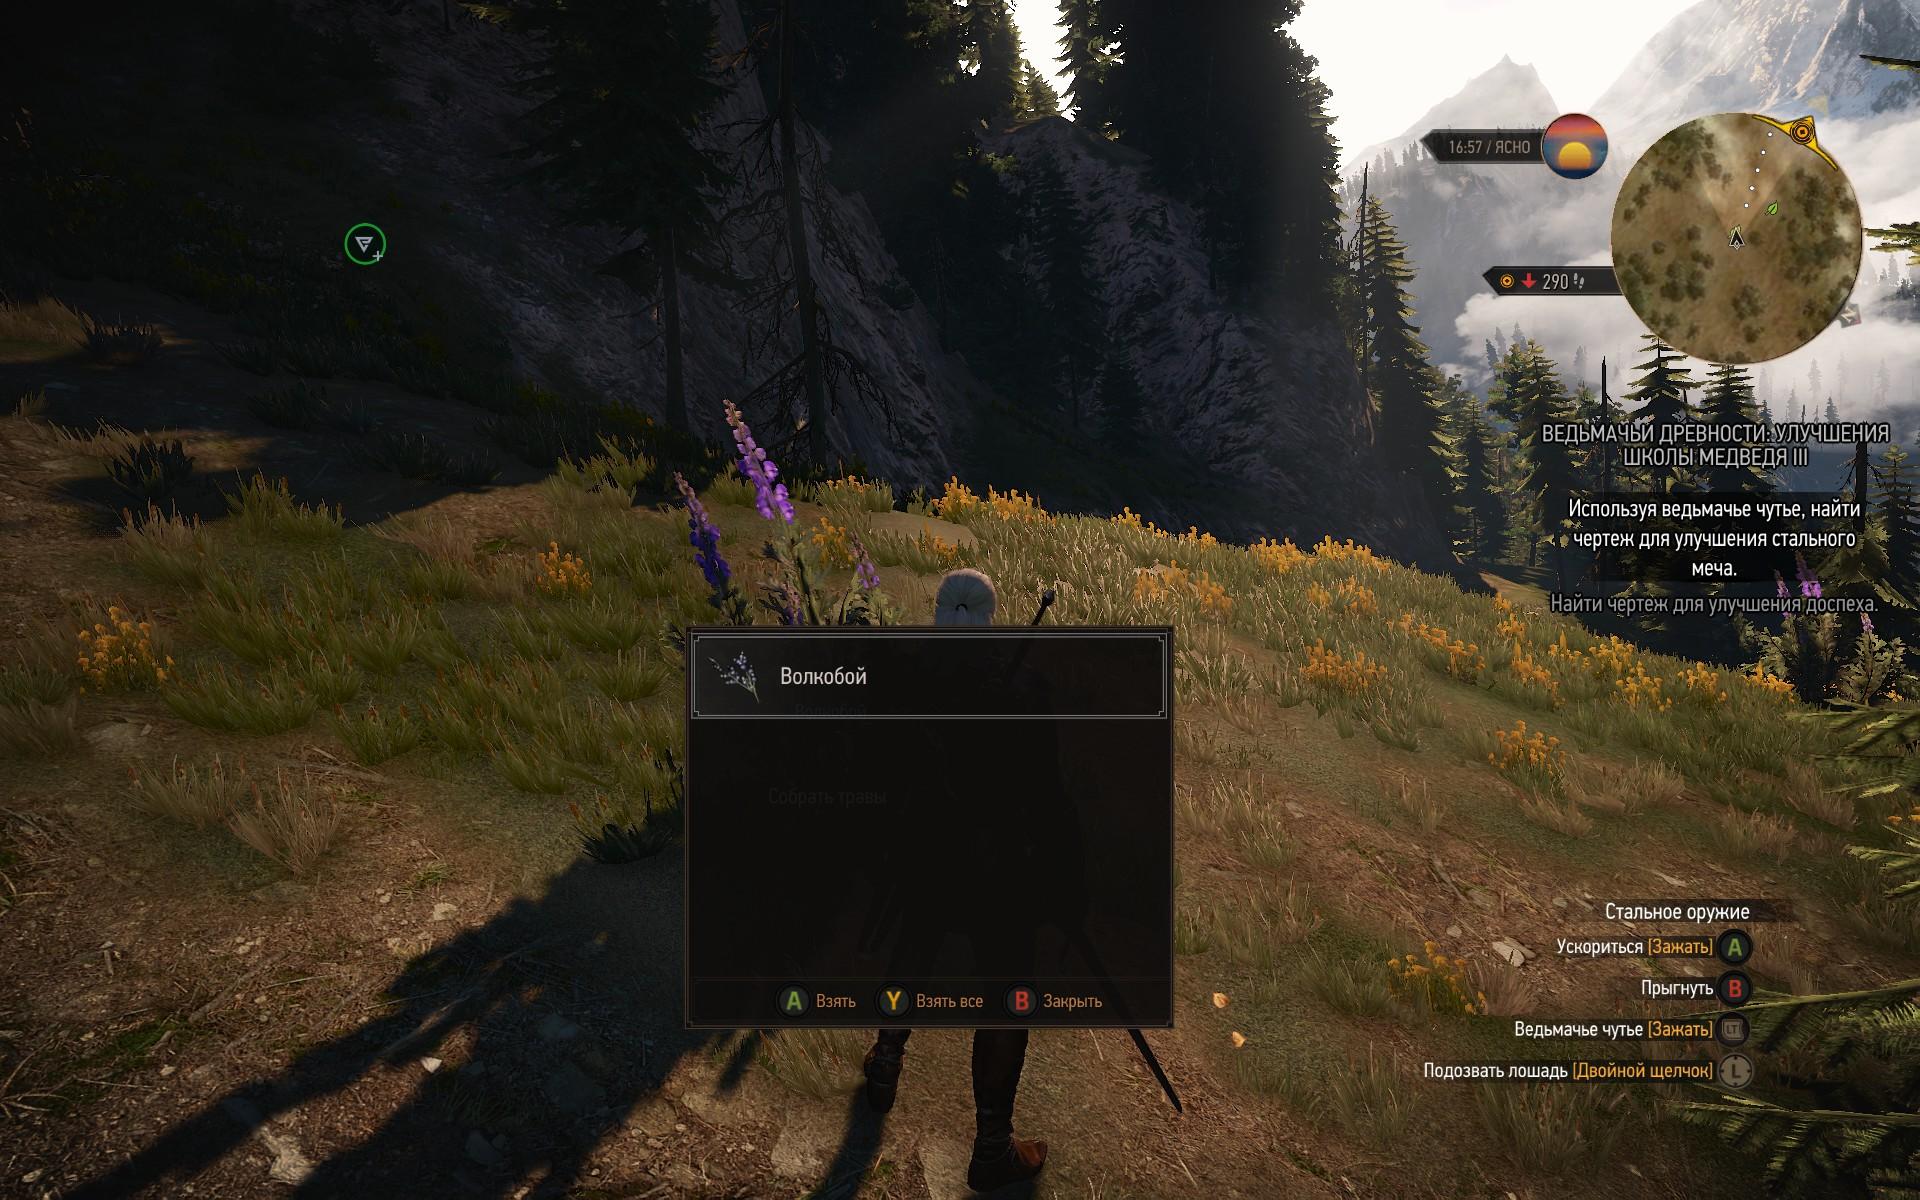 У волкобоя яркие фиолетовые цветы